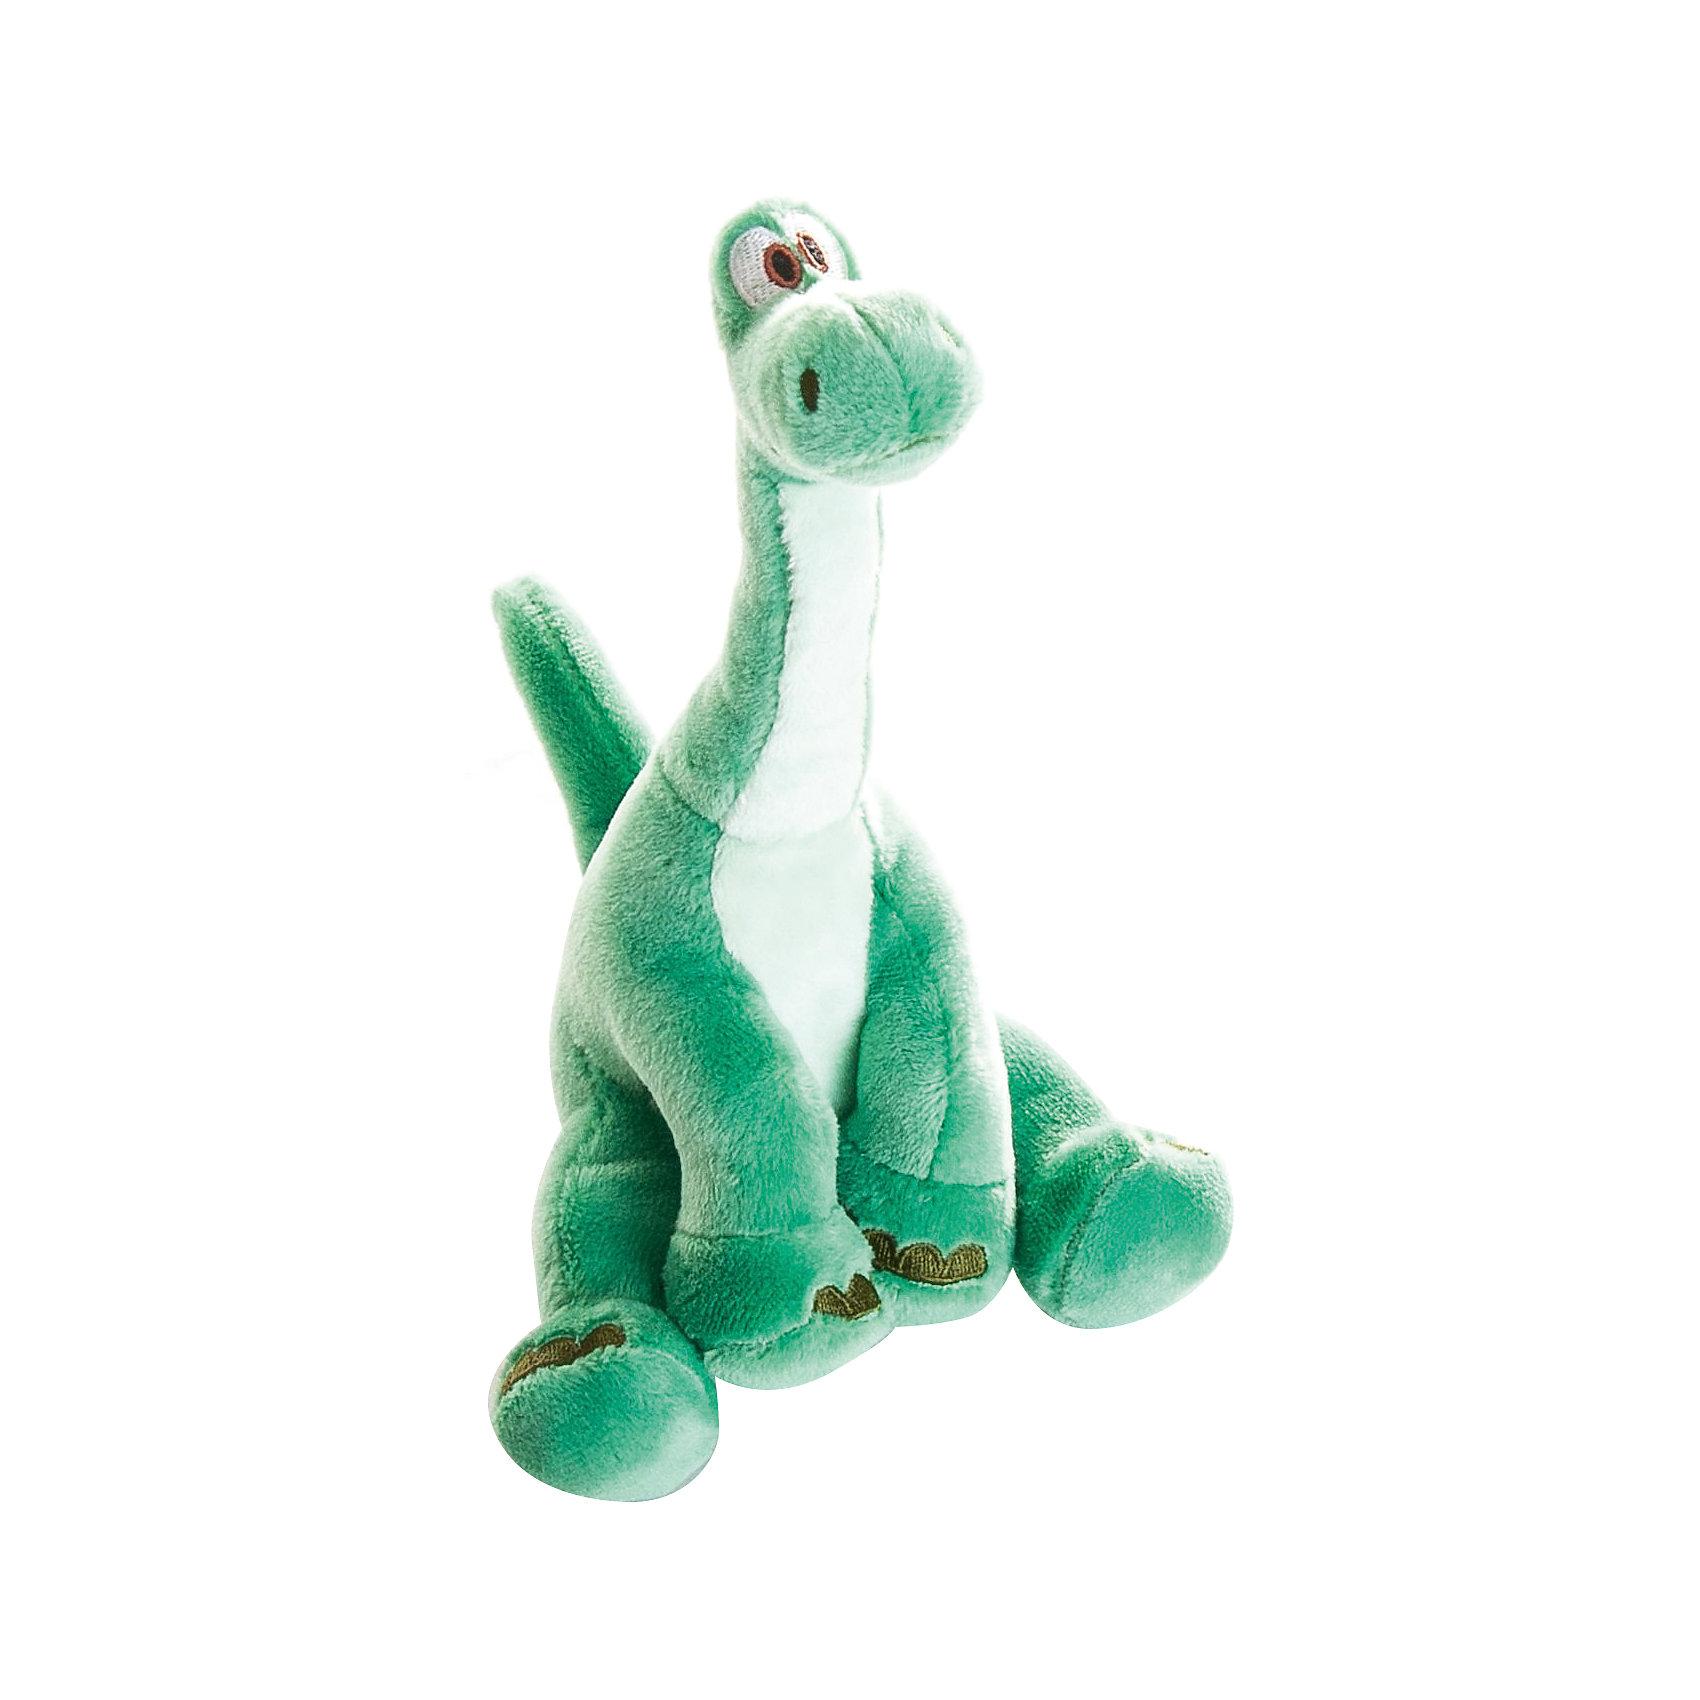 Мягкая игрушка  Арло сидячий, 17 см,